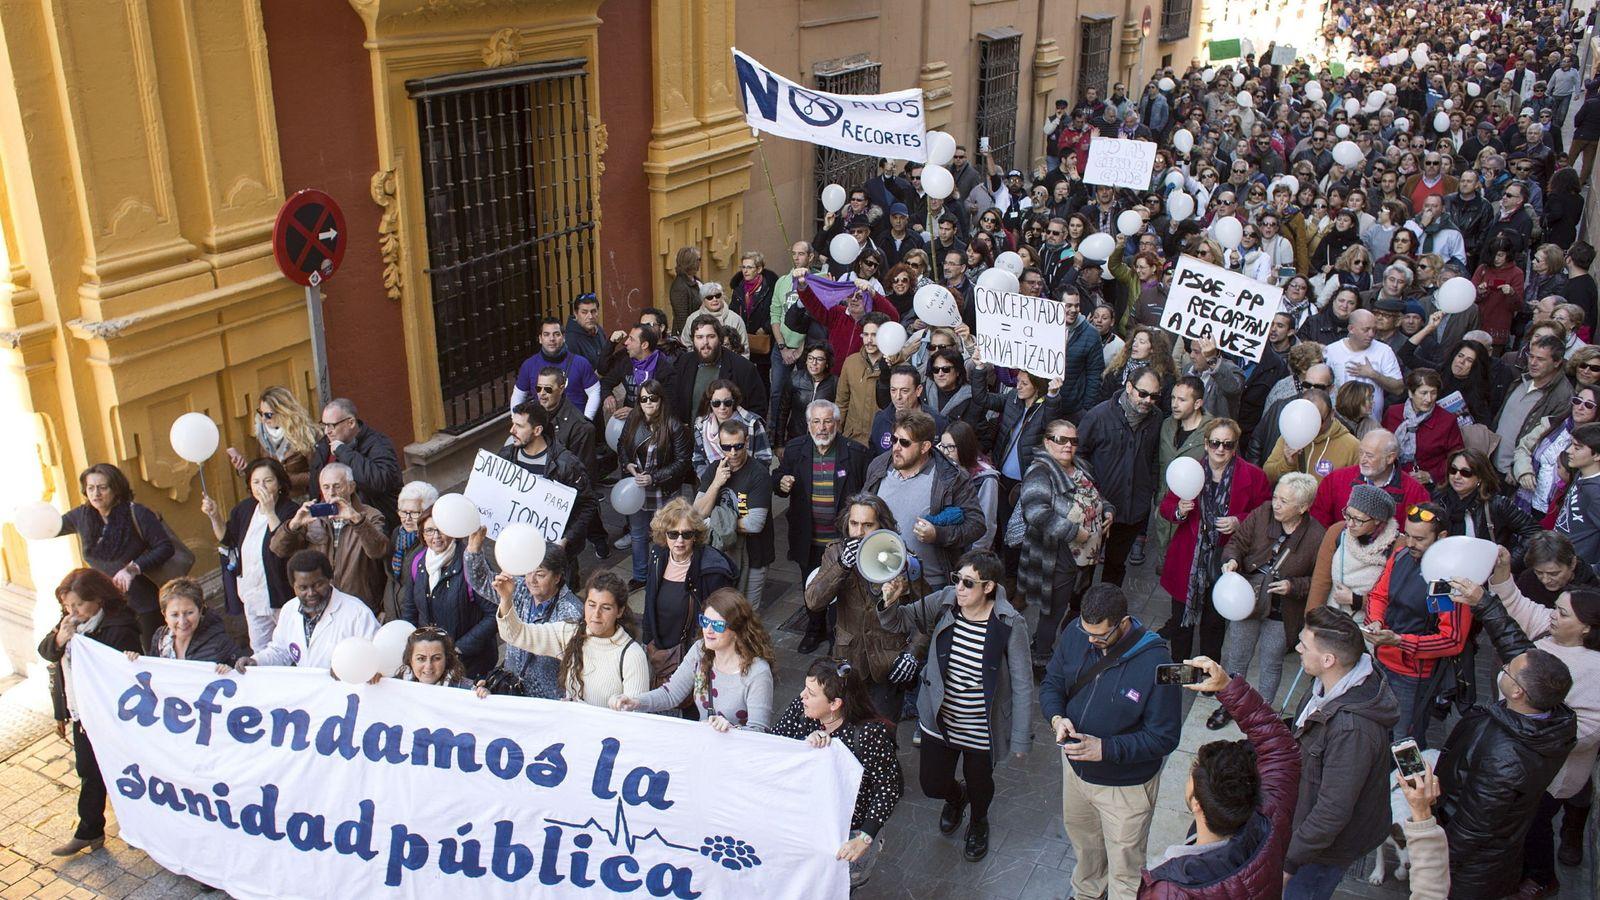 Foto: Protesta contra los recortes en la Sanidad Pública, en Málaga. (EFE)